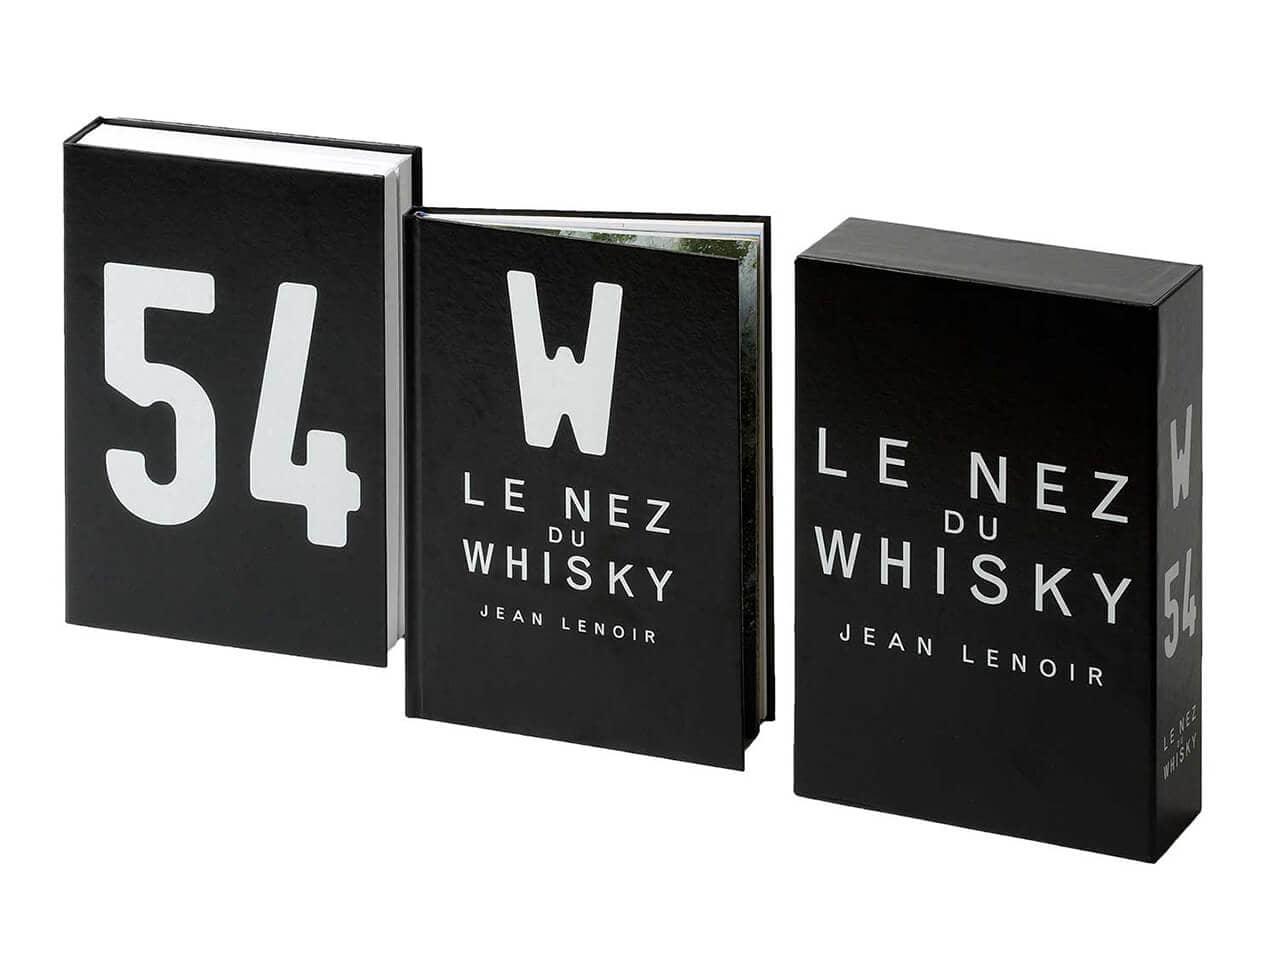 Luxury stocking fillers - Le Nez Whisky